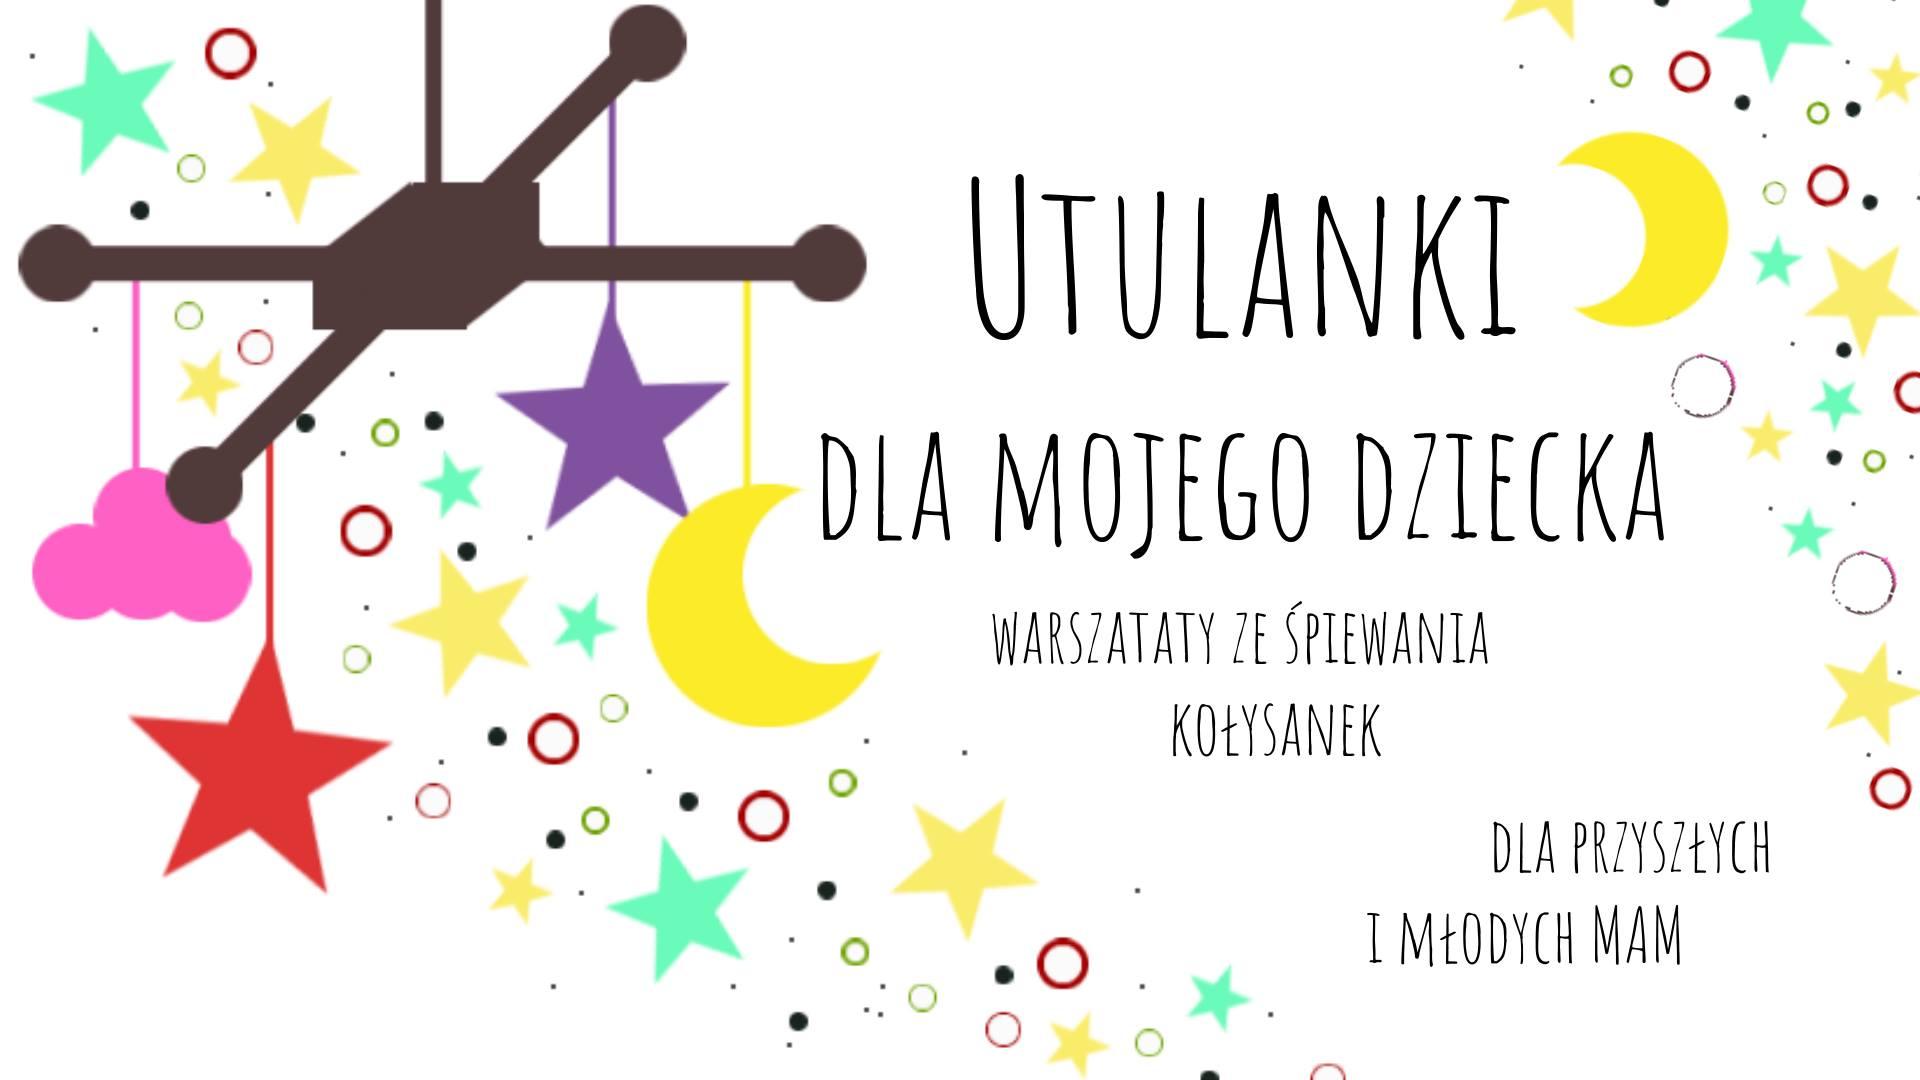 Utulanki - warsztat ze śpiewania kołysanek